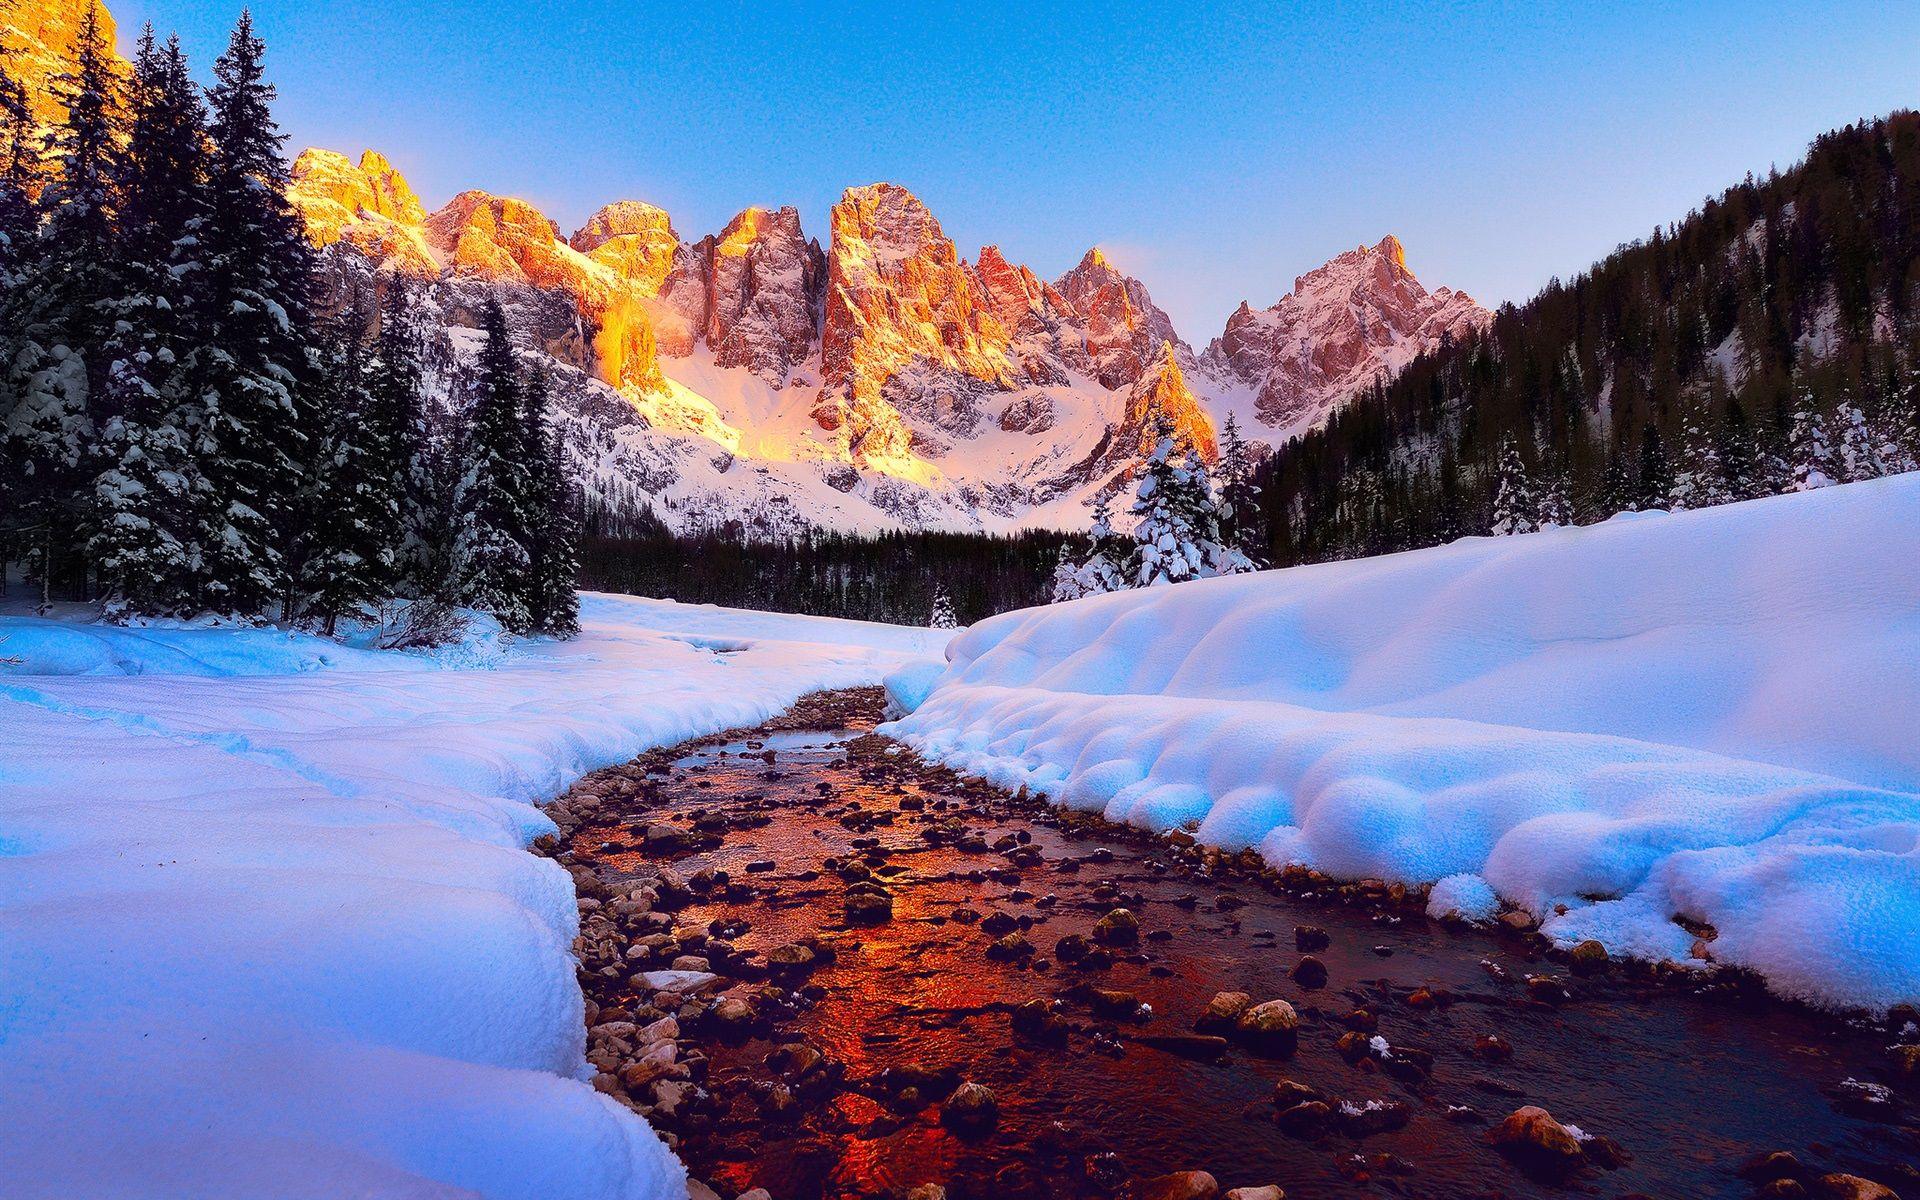 Fondo Escritorio Picos Montañas Nevadas: Dolomitas, Las Montañas, Picos, Bosque, Río, Nieve